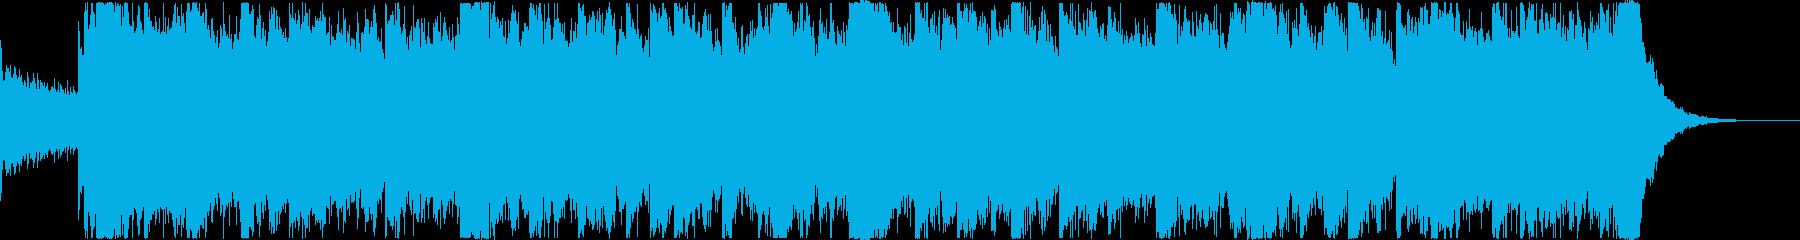 幻想的ピアノ_壮大なファンタジー_高級感の再生済みの波形